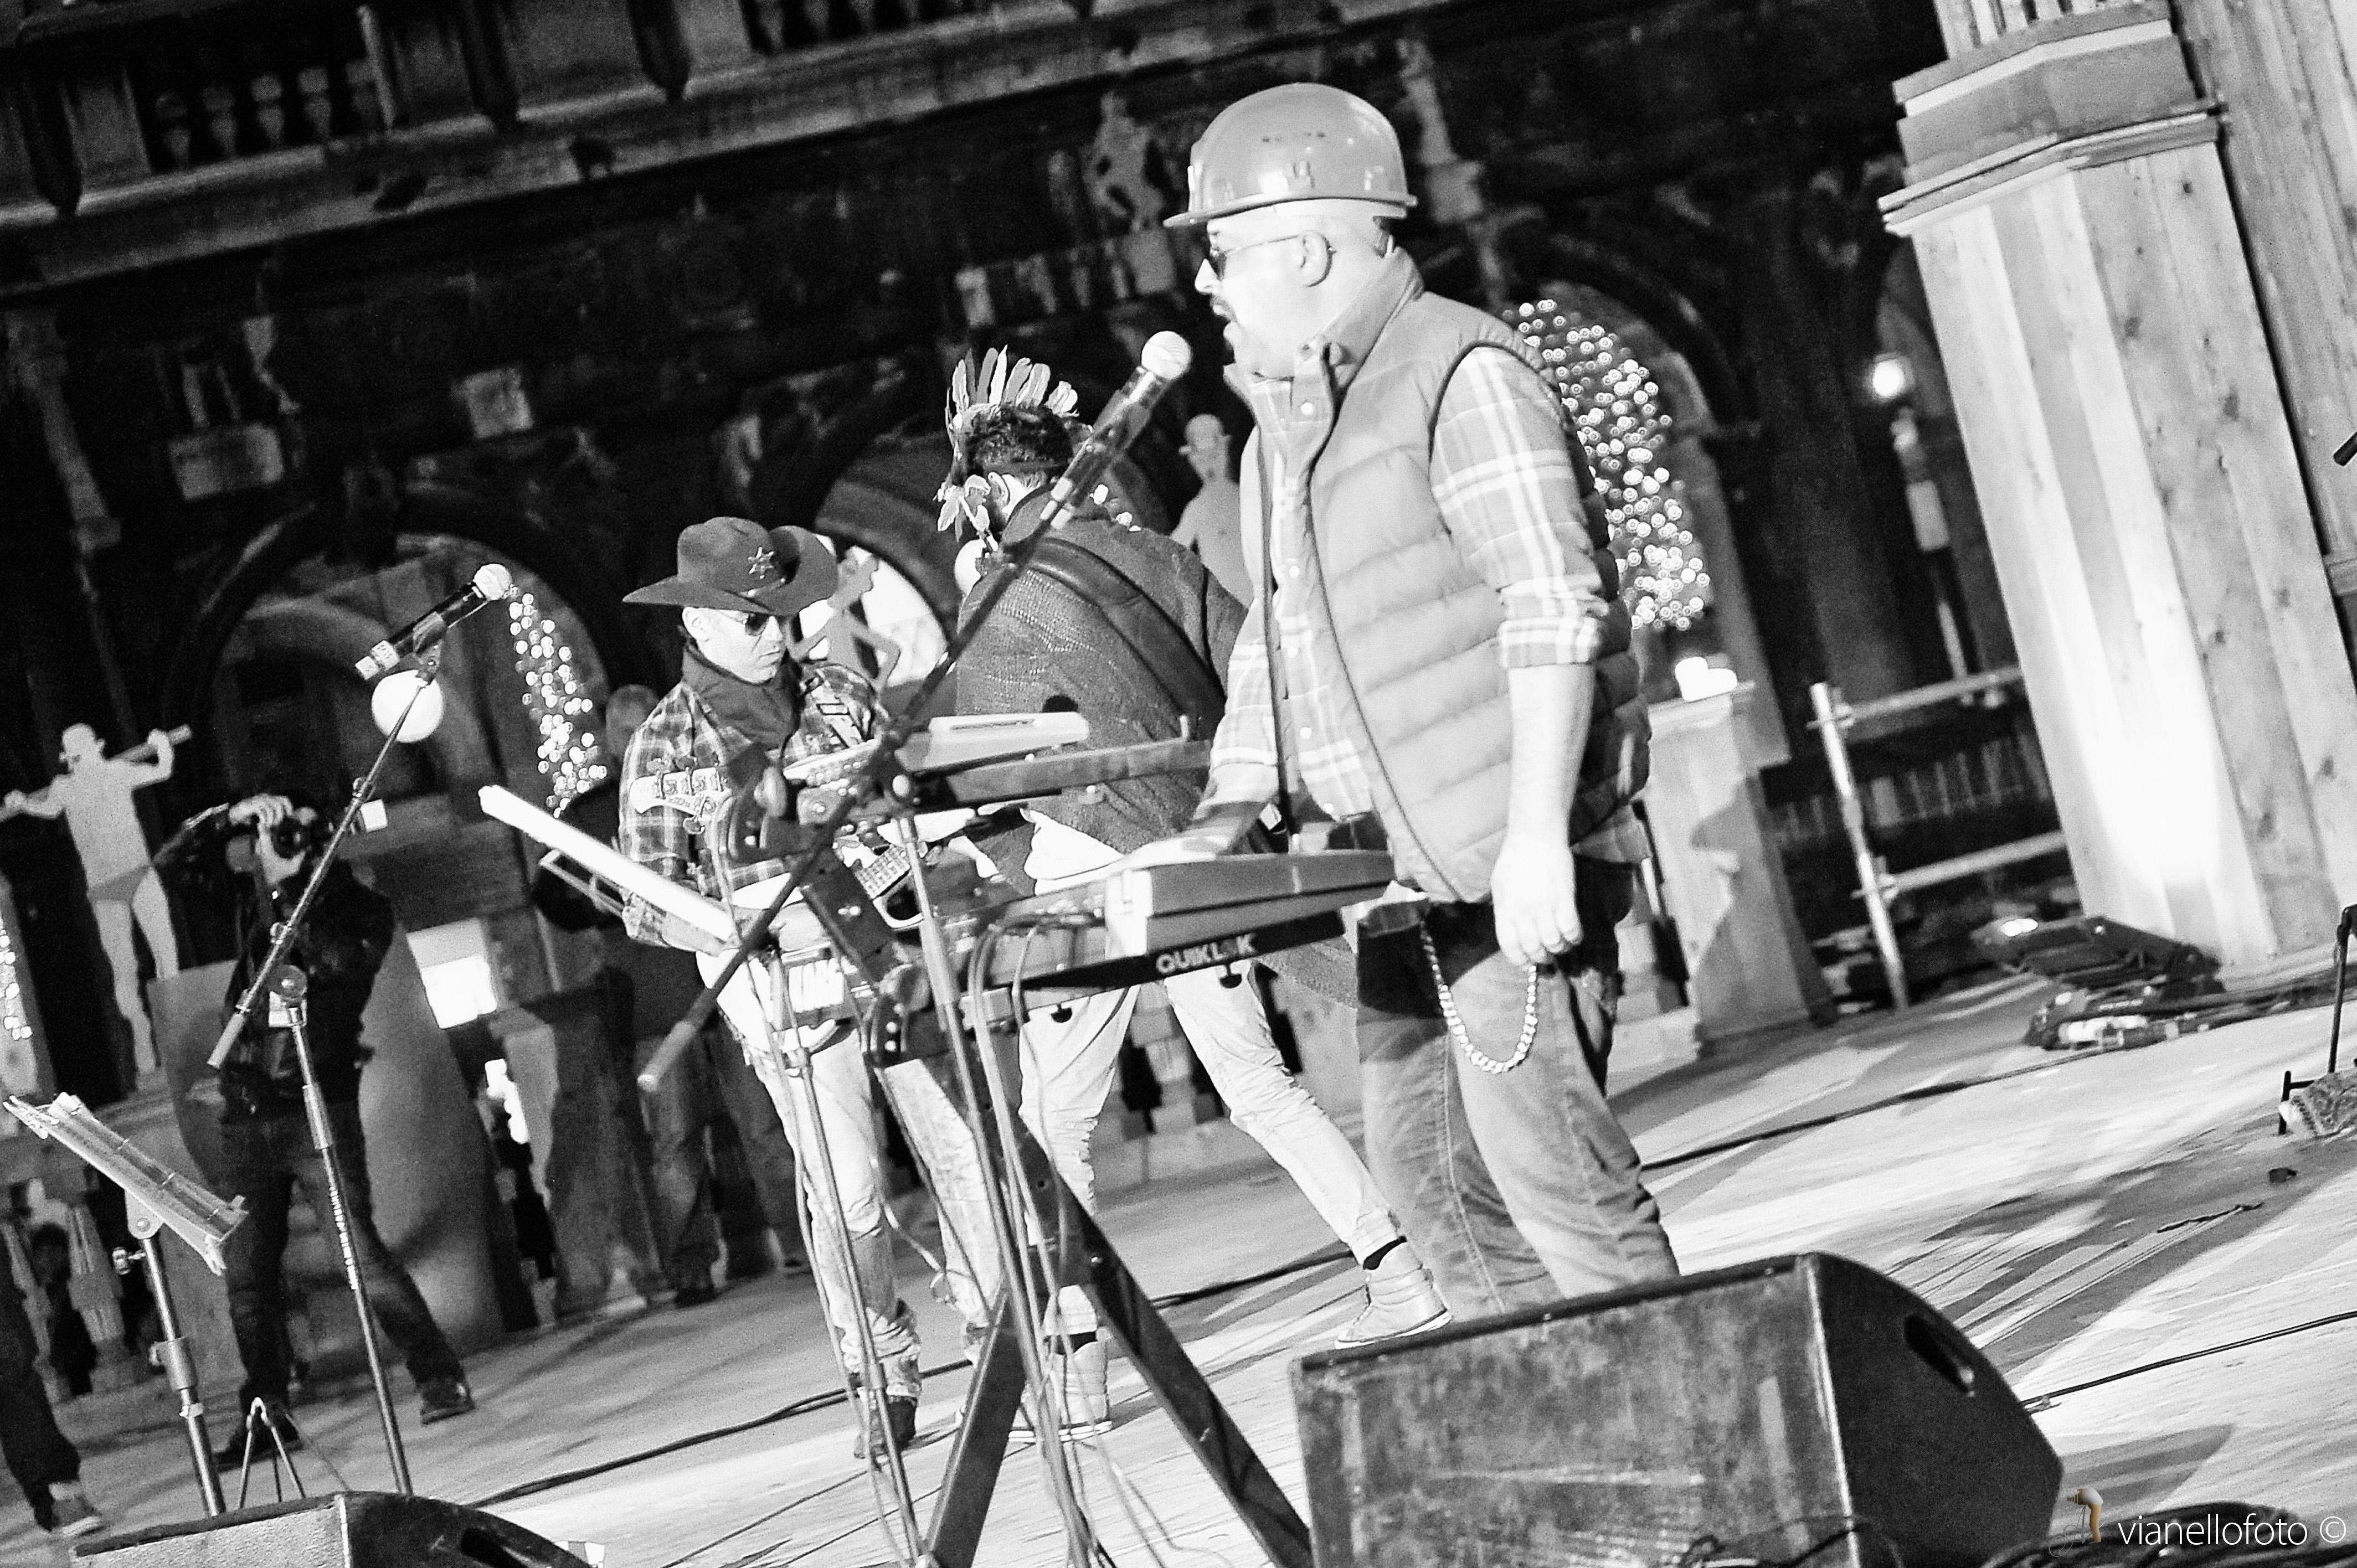 SpazioZero band a San Marco (Venezia Italia)